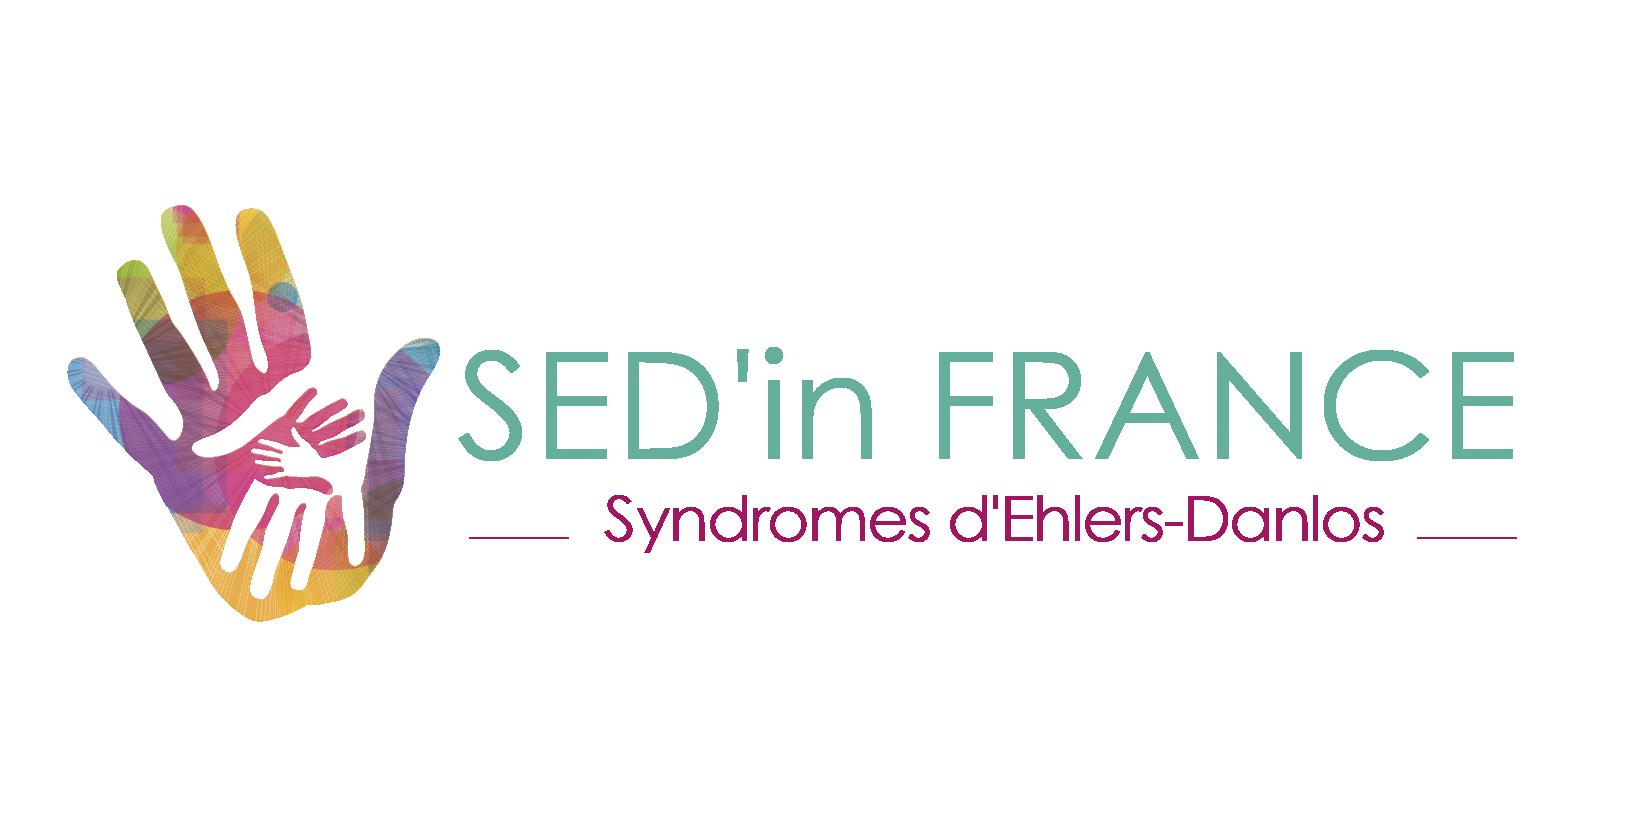 Sed'in France